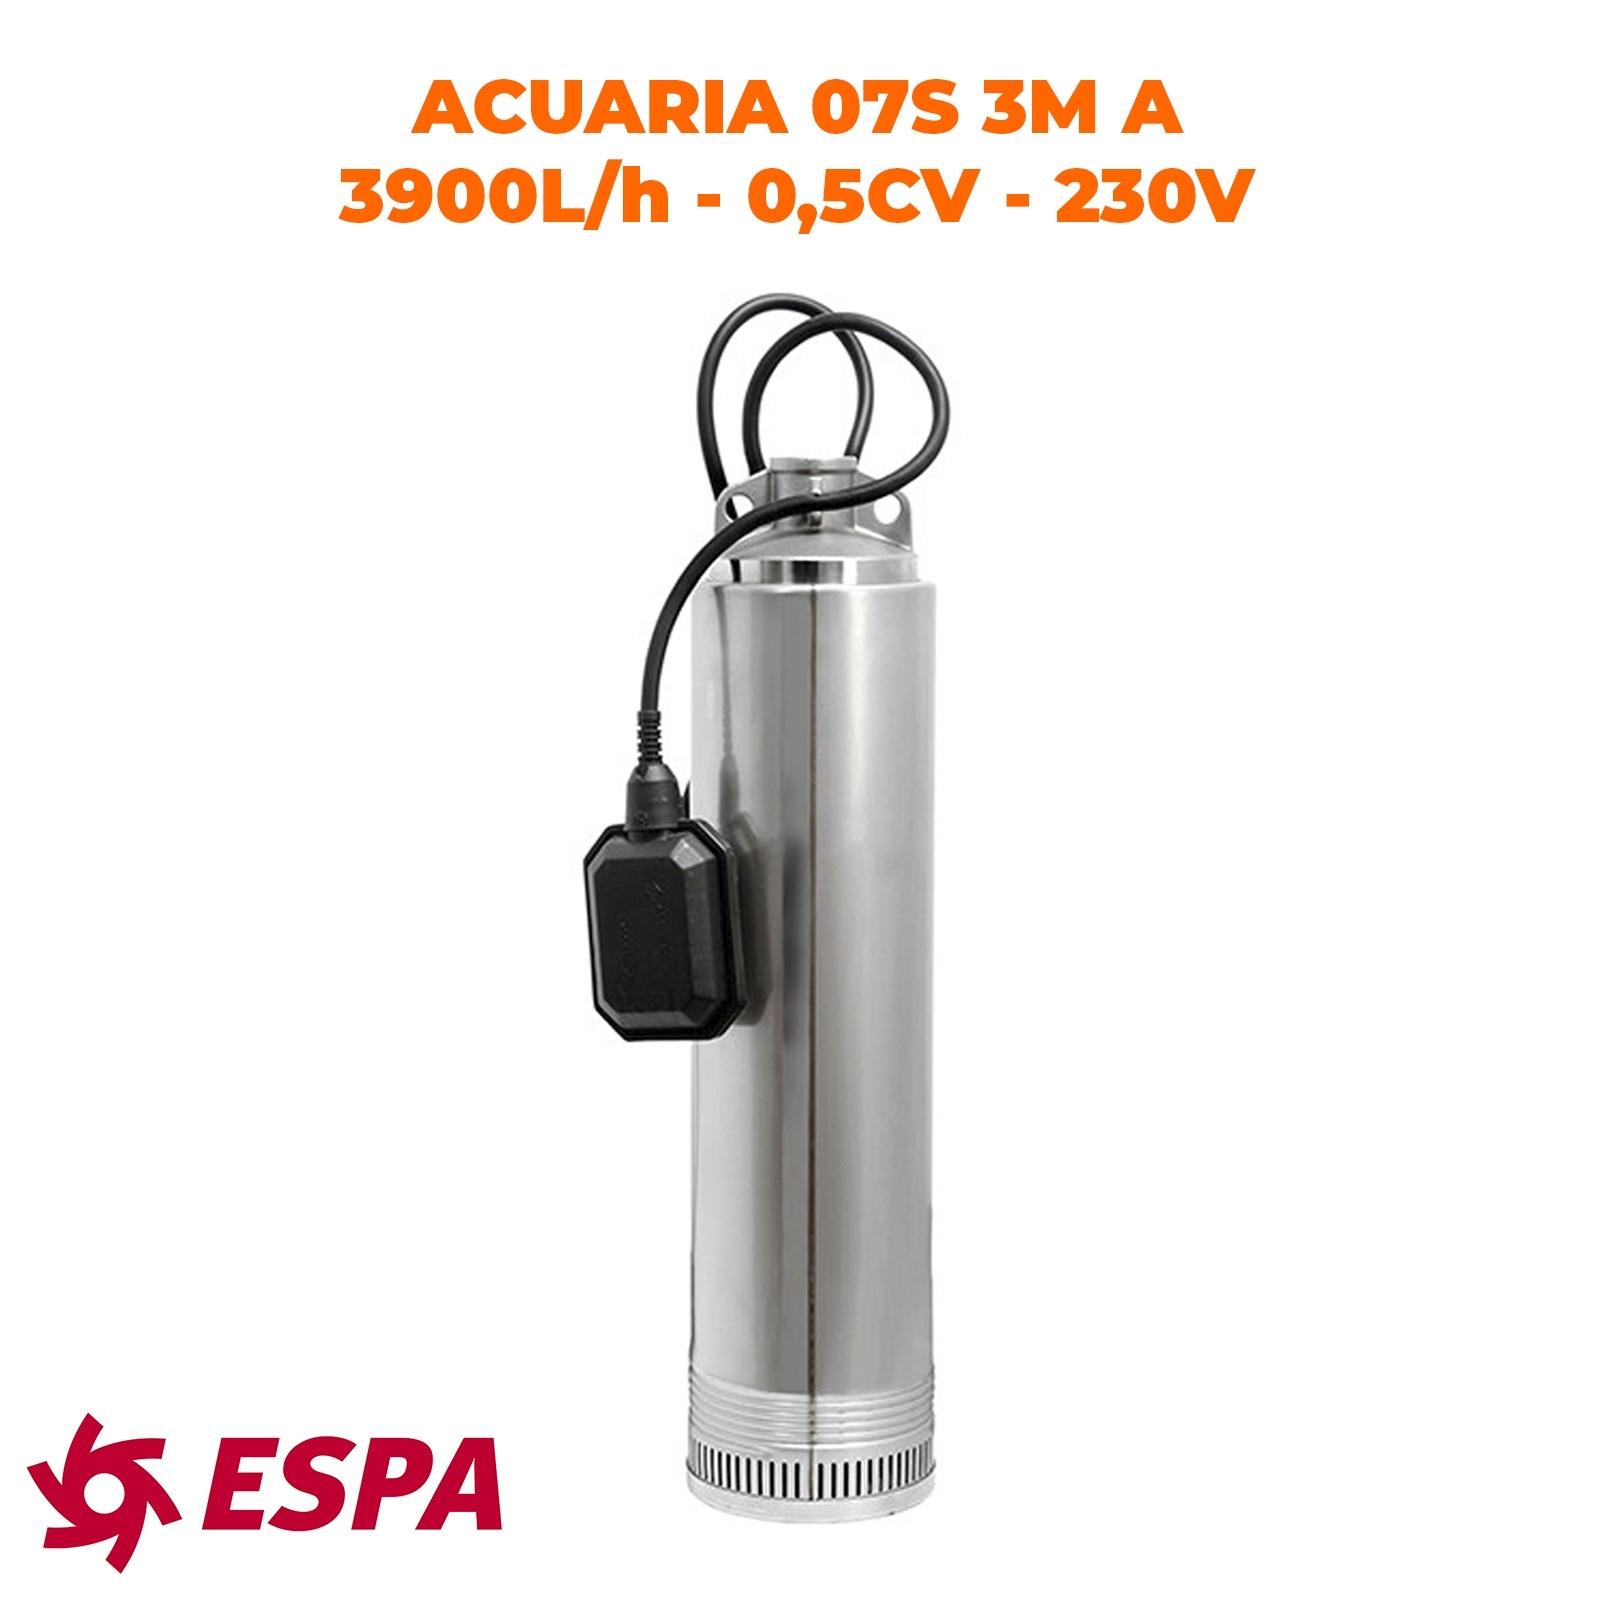 ESPA Pompe à eau submersible pour l'approvisionnement en eau ACUARIA 07S-3M A - 3.900L/h - 35,5m max.